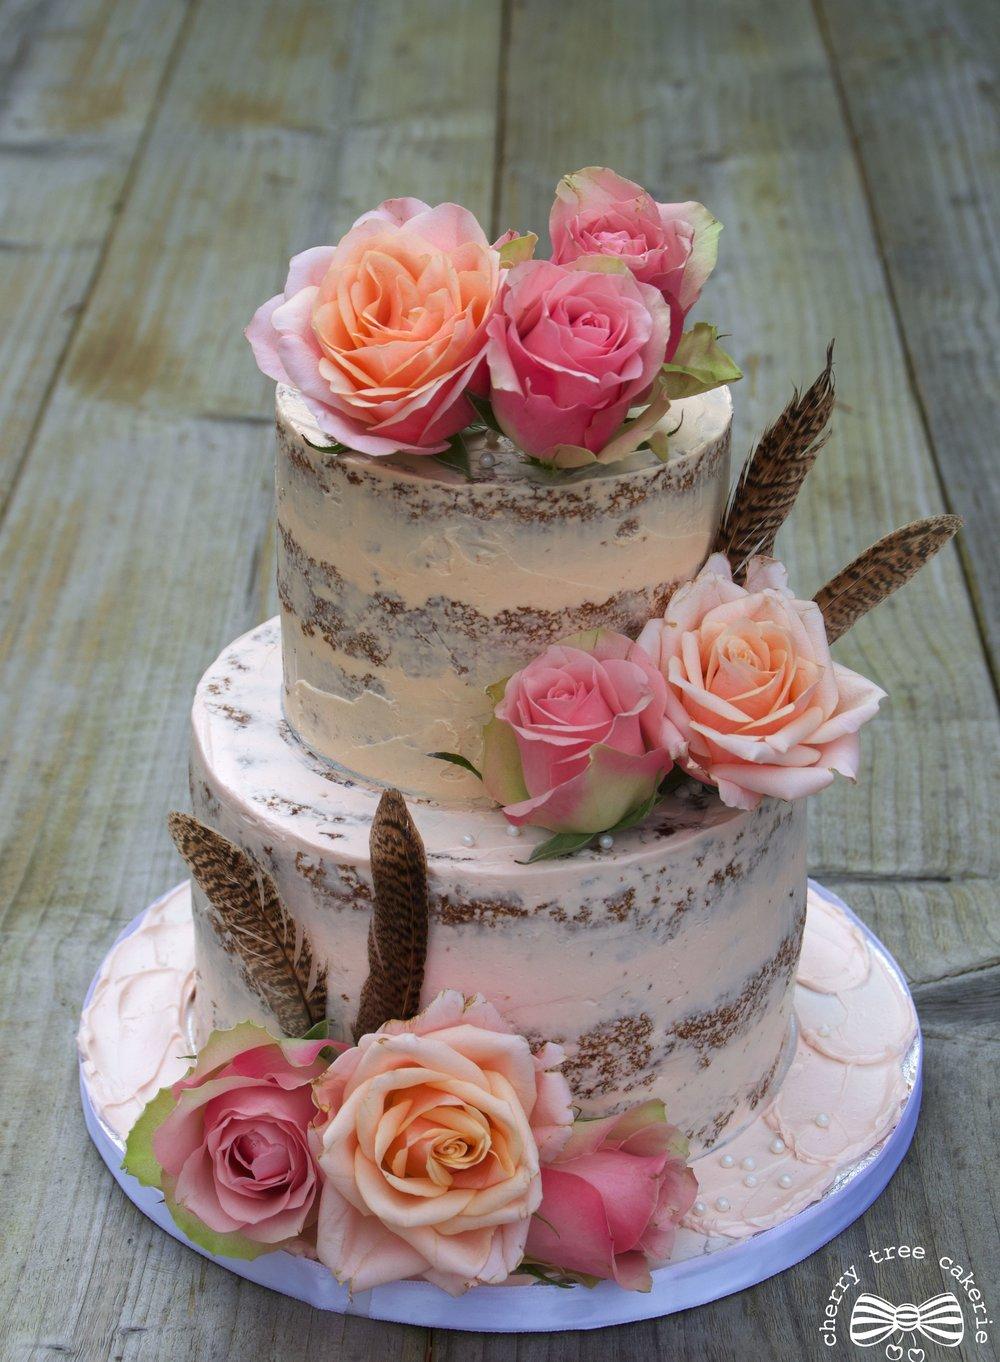 Blush and pink rose semi-naked cake2.jpg